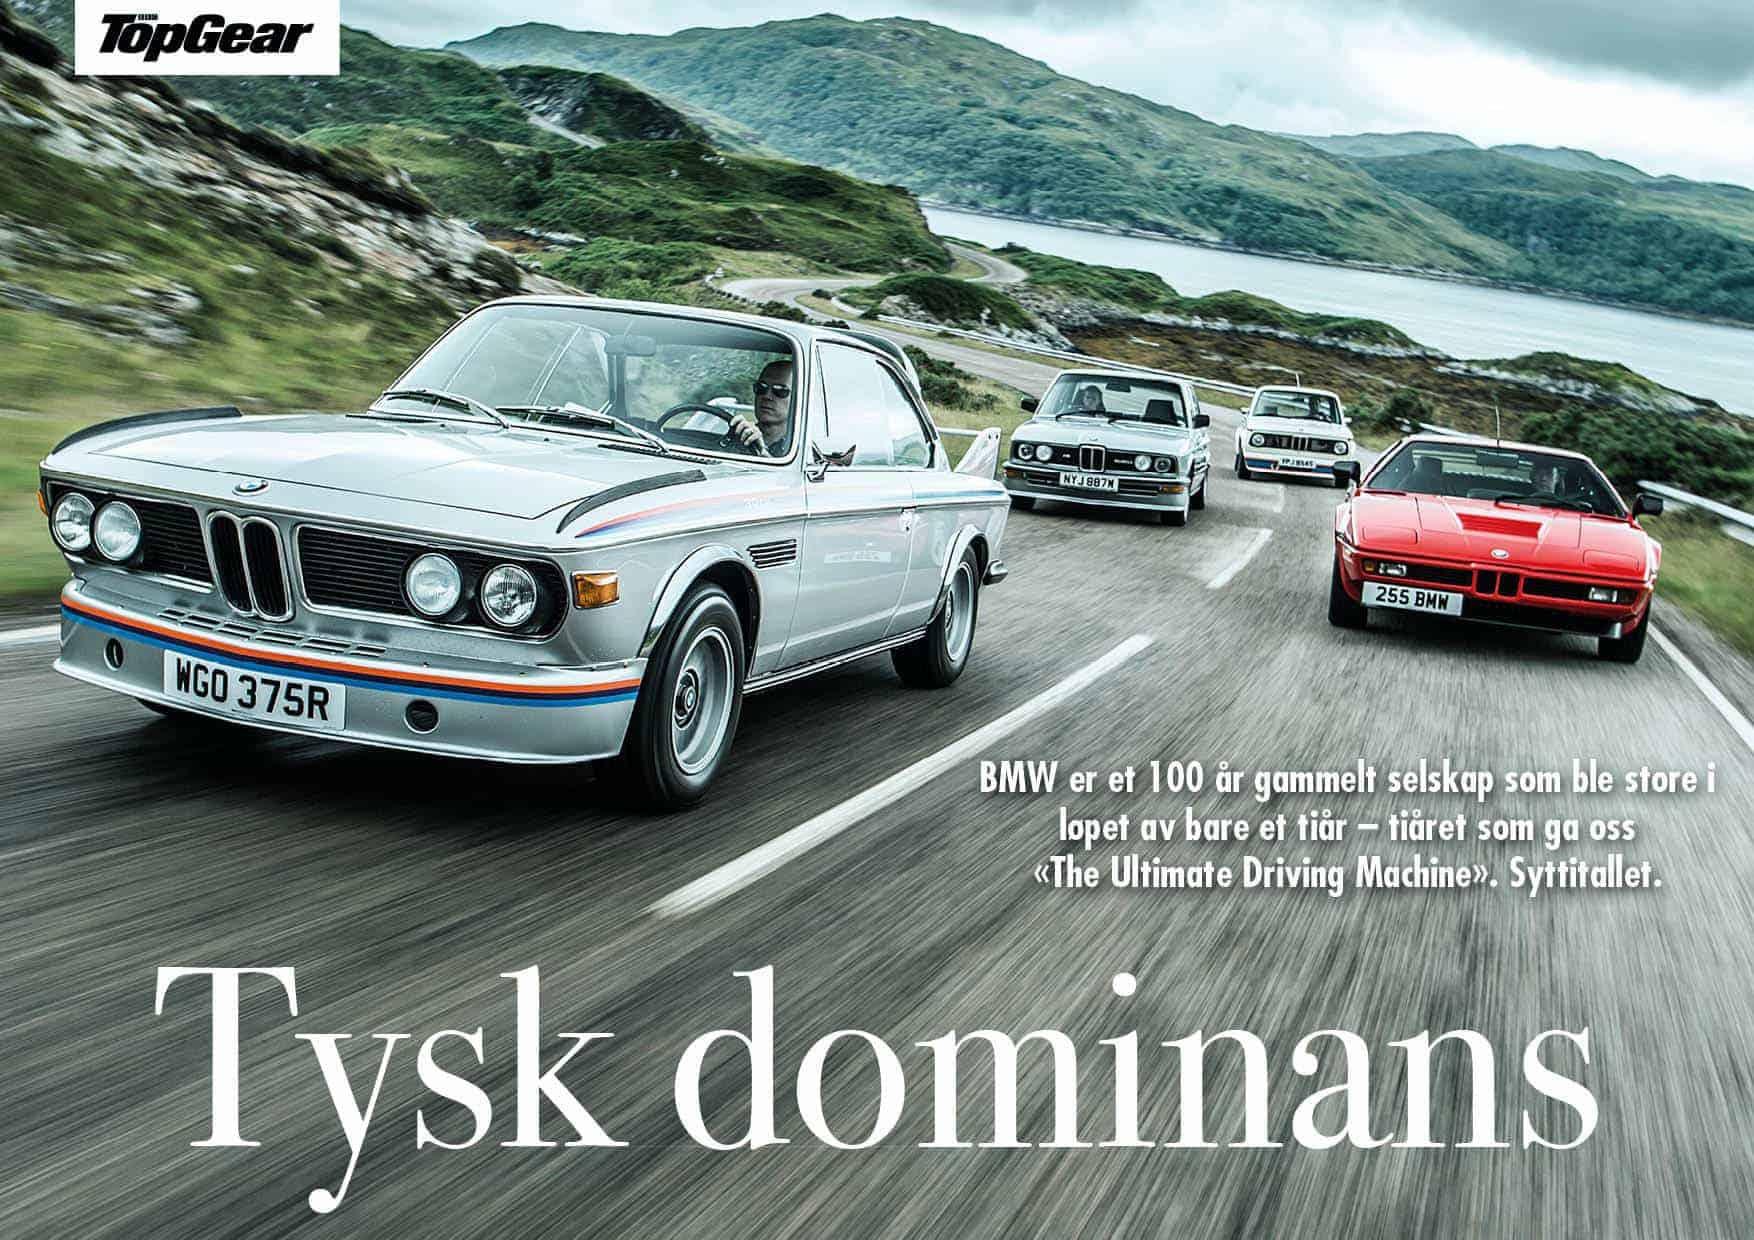 BMW: Tysk dominans